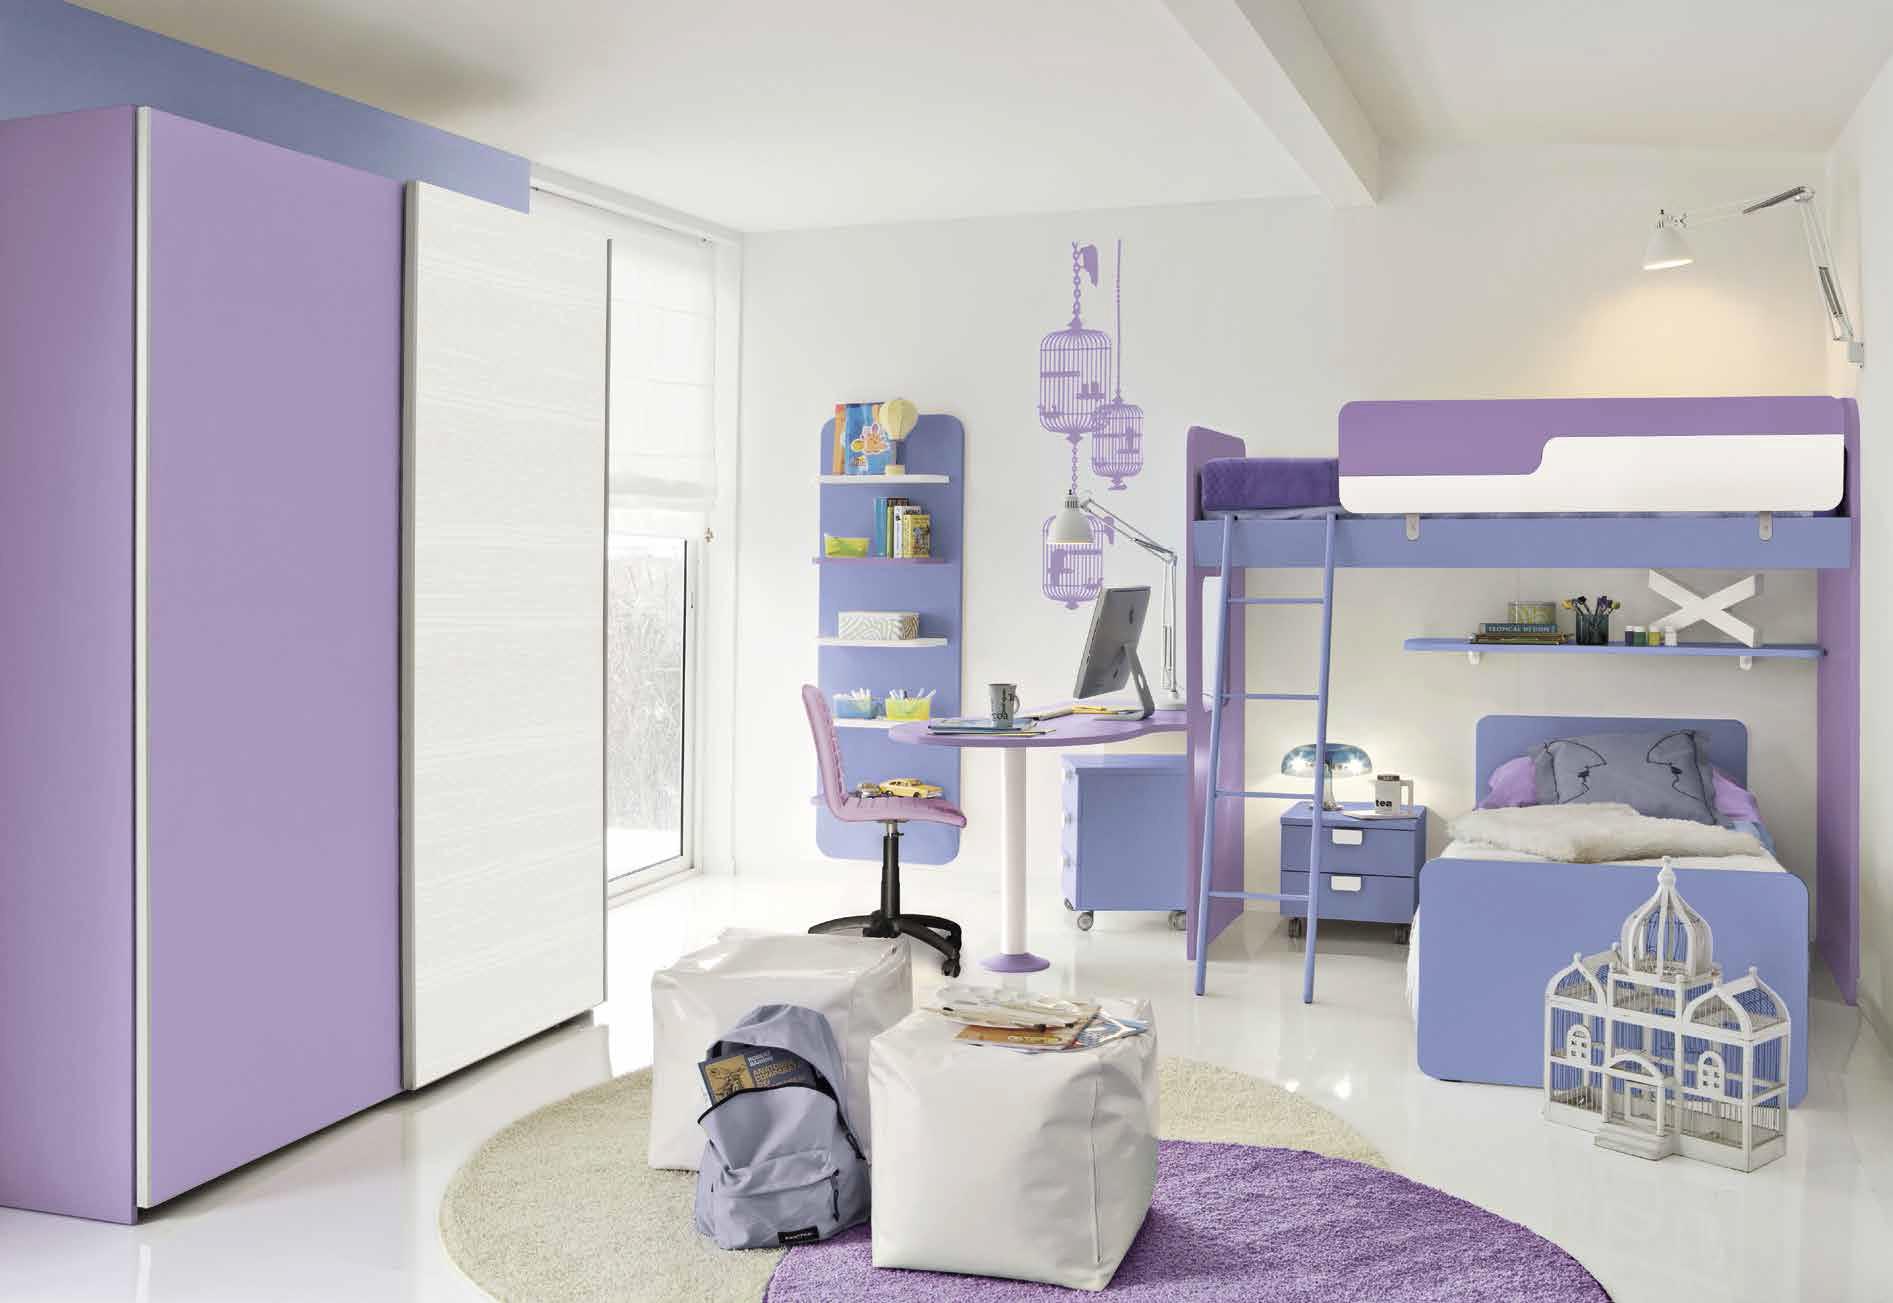 Ponti letti a castello soppalchi soluzioni - Immagini camerette per bambini ...